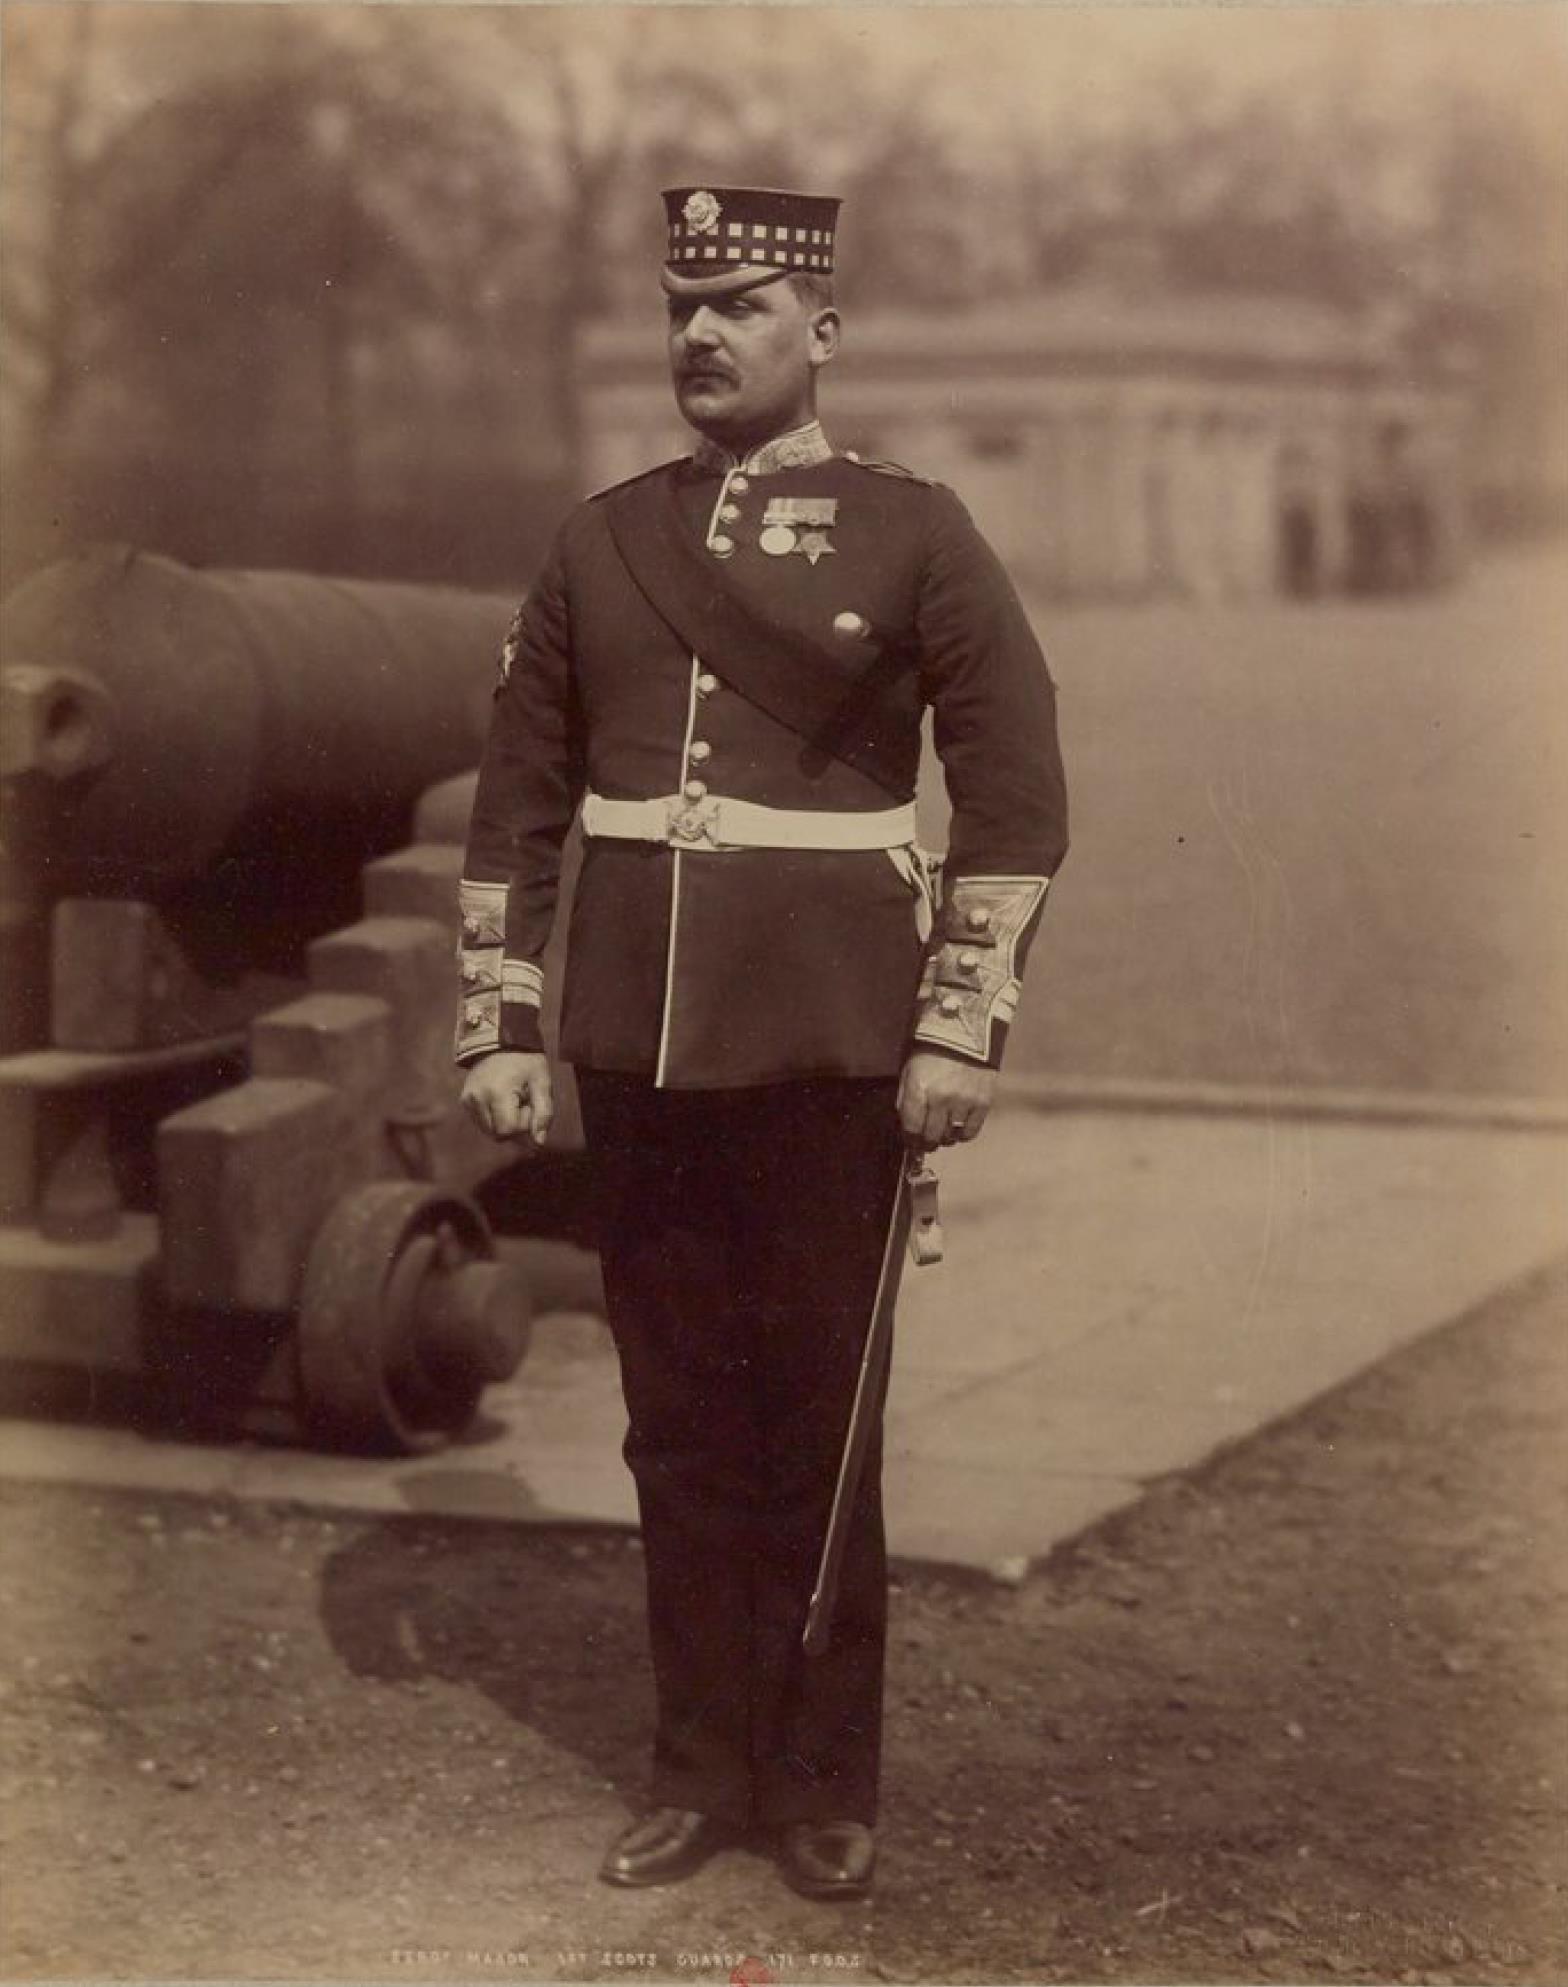 Сержант-майор. Хайлендерский гвардейский полк